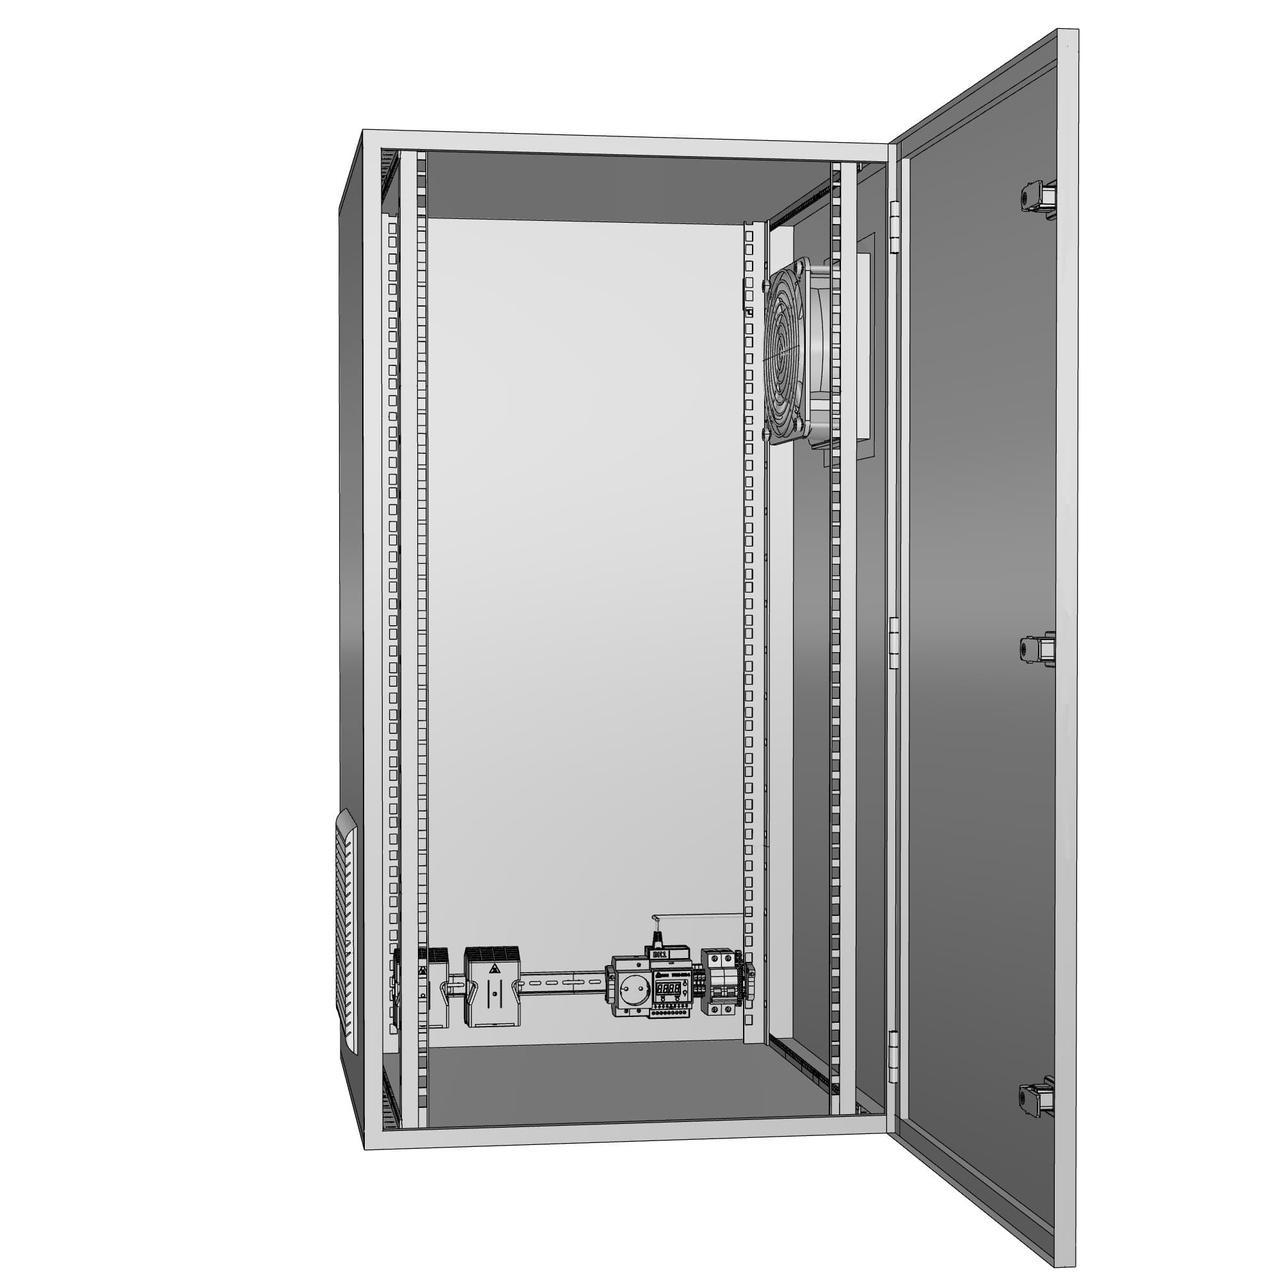 Щит климатический утеплённый с обогревом и вентиляцией ЩКу- ОВ- 1 - 400×300×200 (В×Ш×Г) IP65